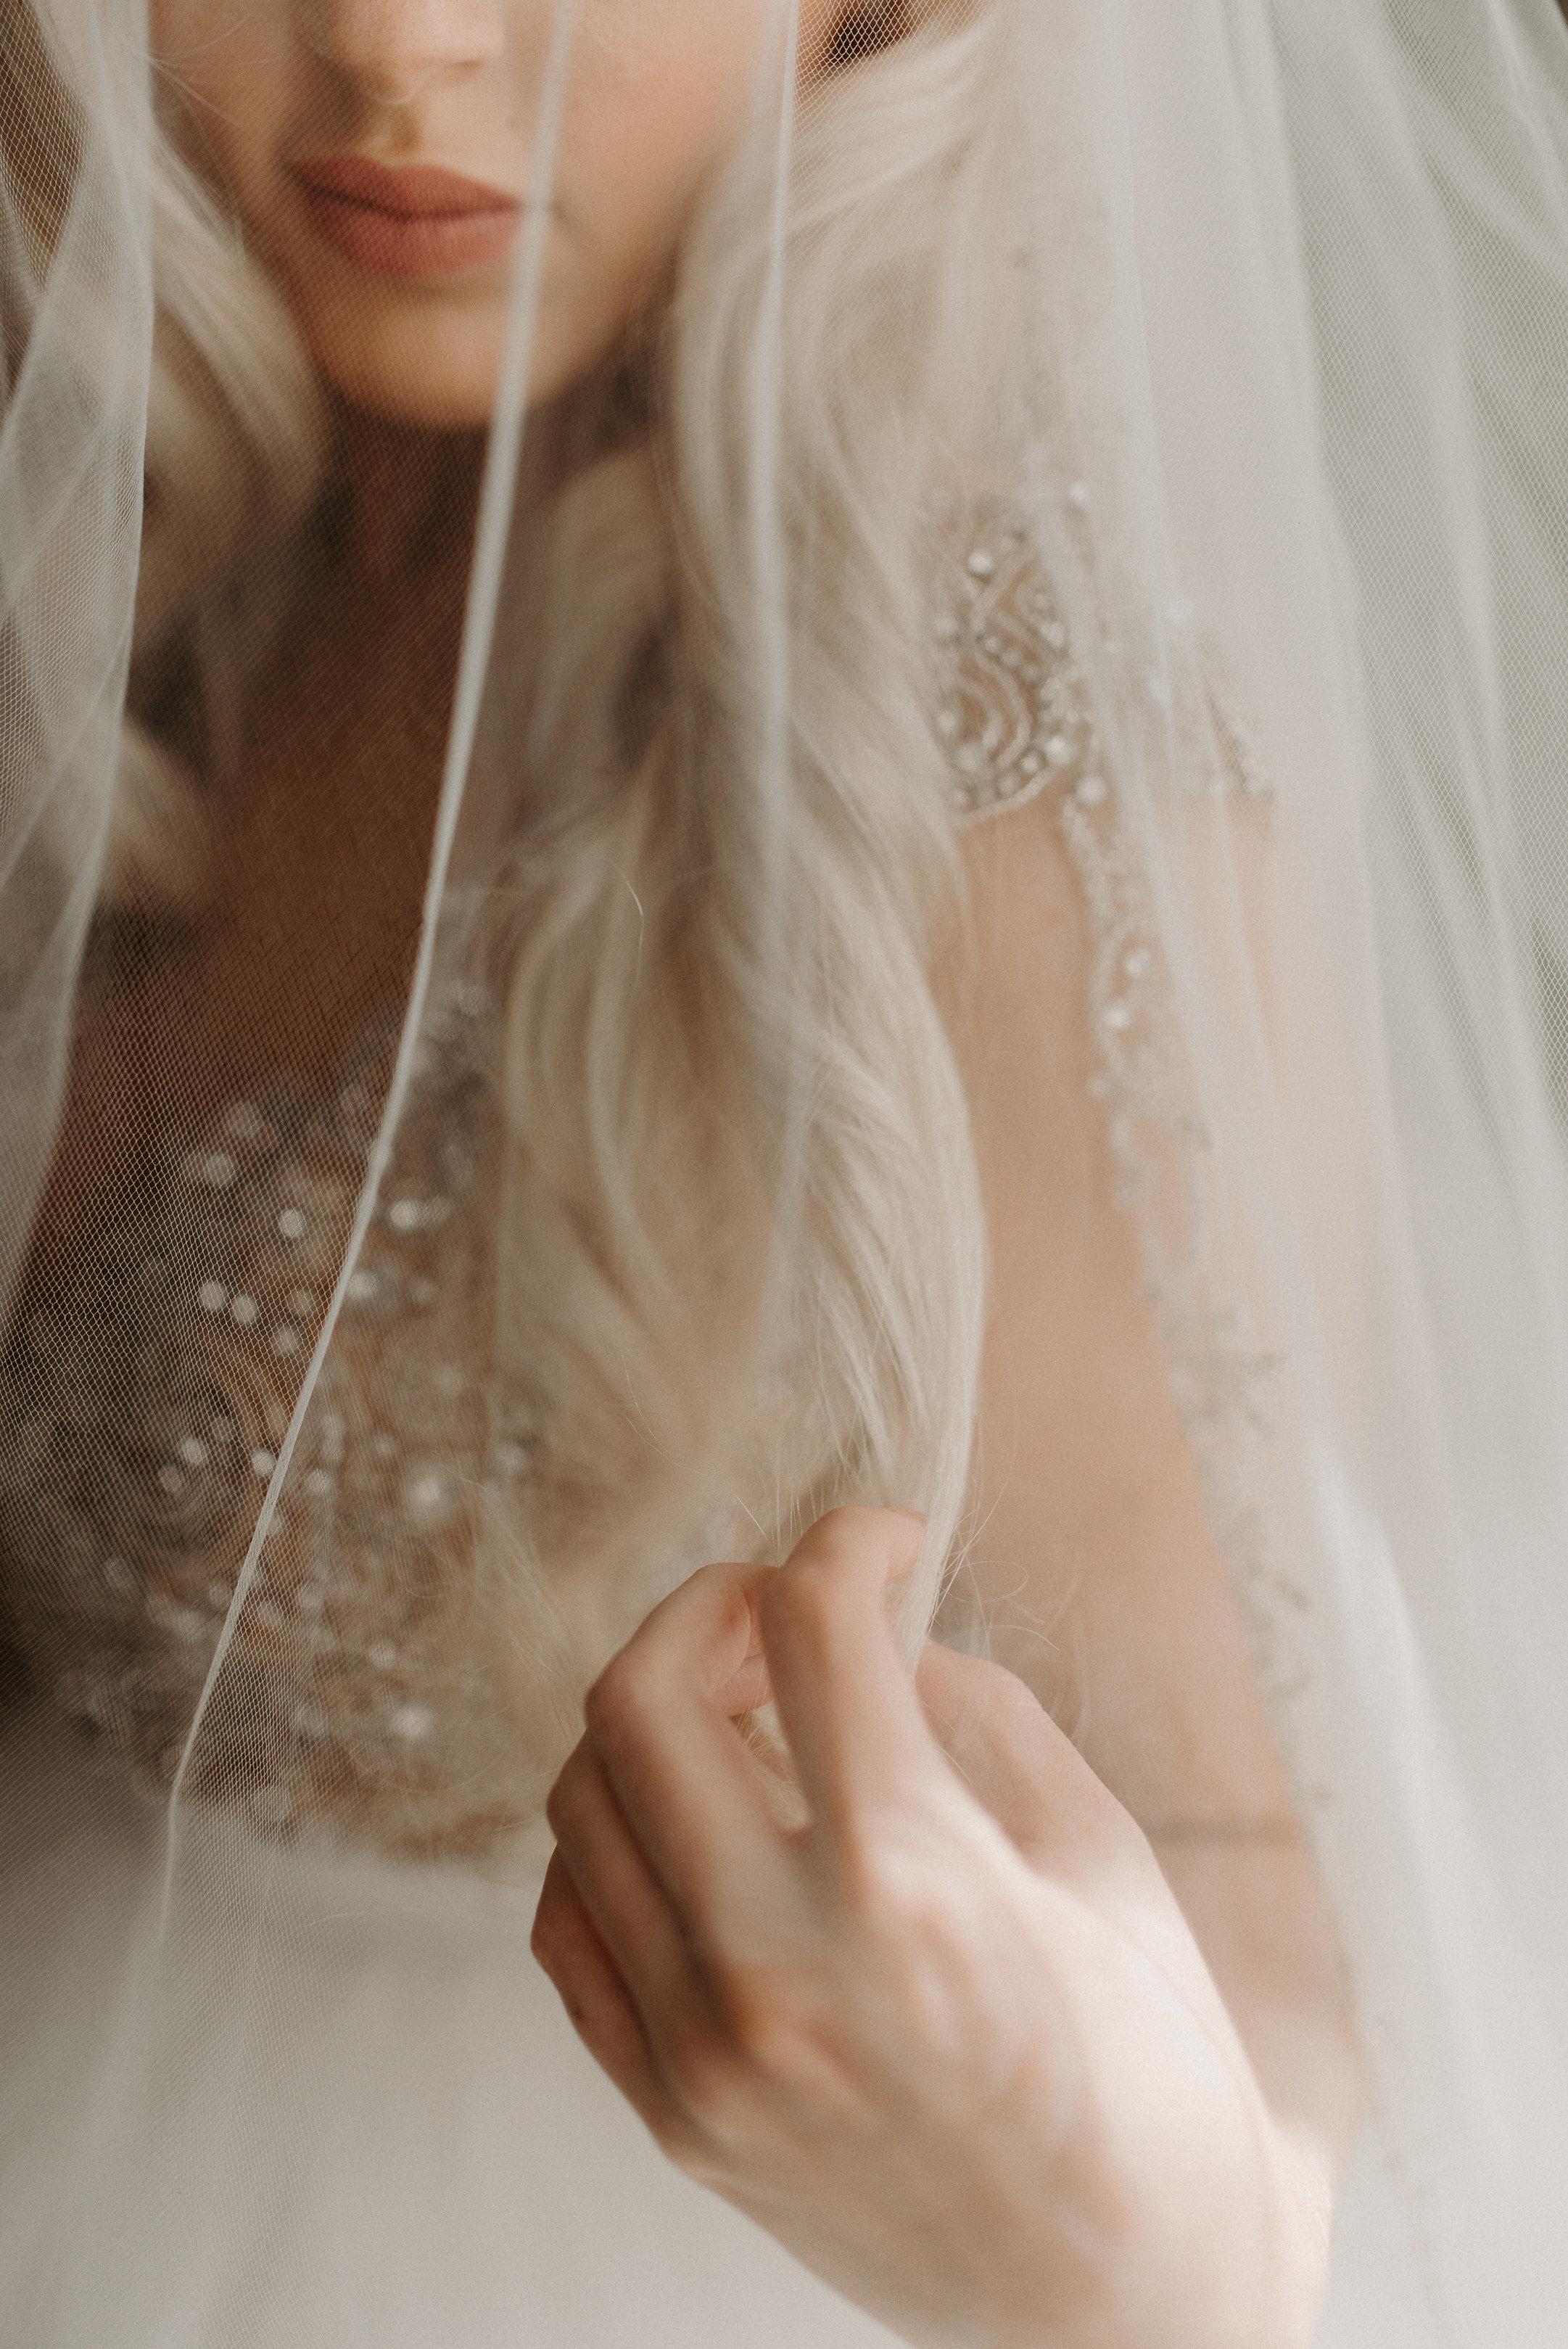 Brittanie&Ken-Wedding-7734.jpg